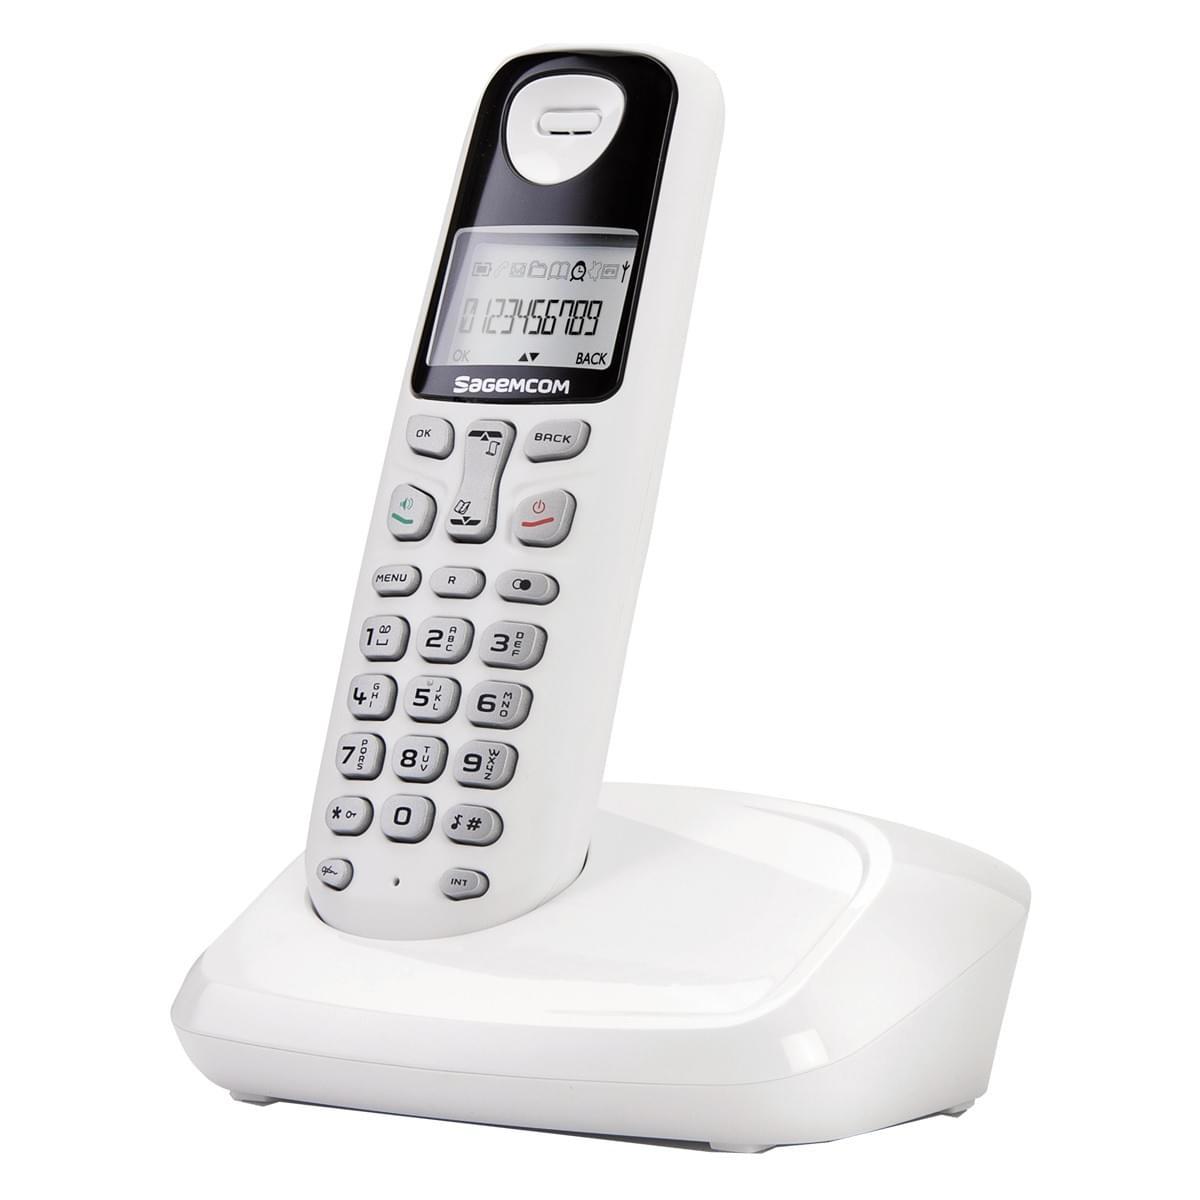 Sagem D17T (253412684) - Achat / Vente Téléphonie sur Cybertek.fr - 0